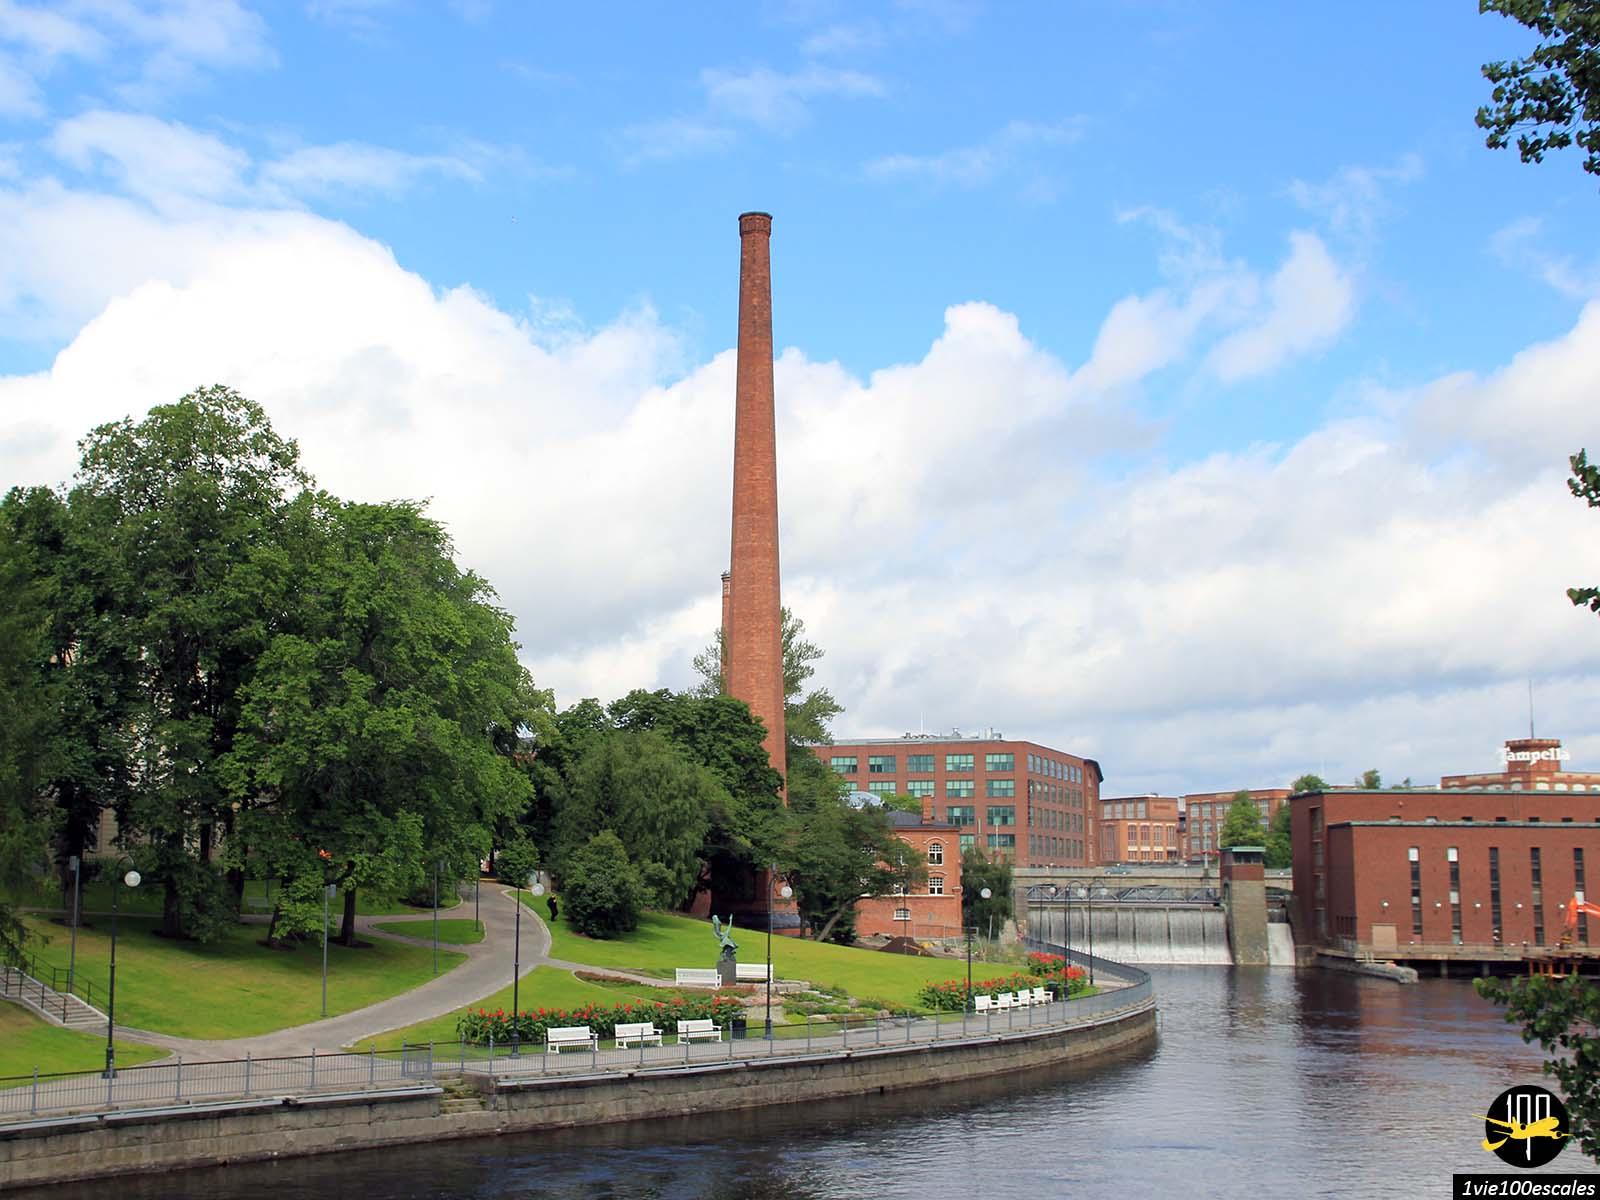 Escale #033 Tampere